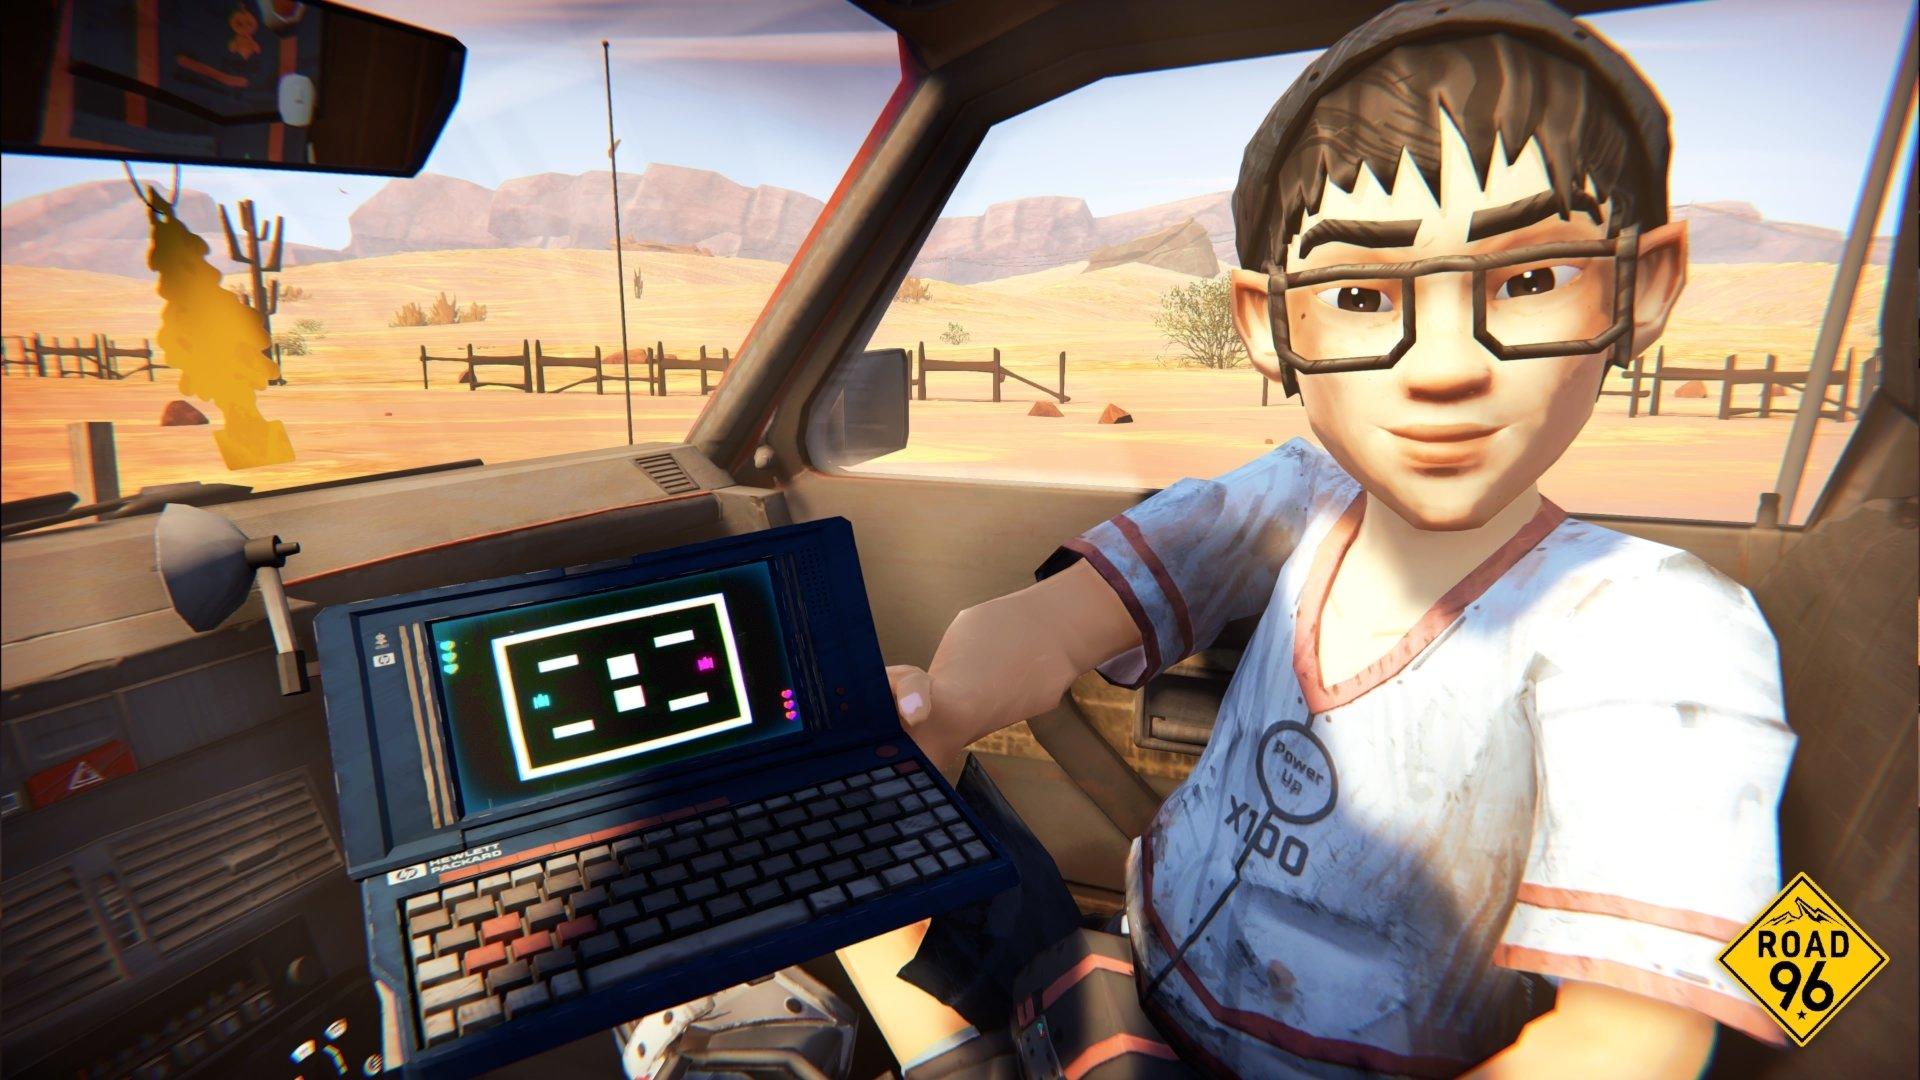 road 96 gameplay wallpaper 75650